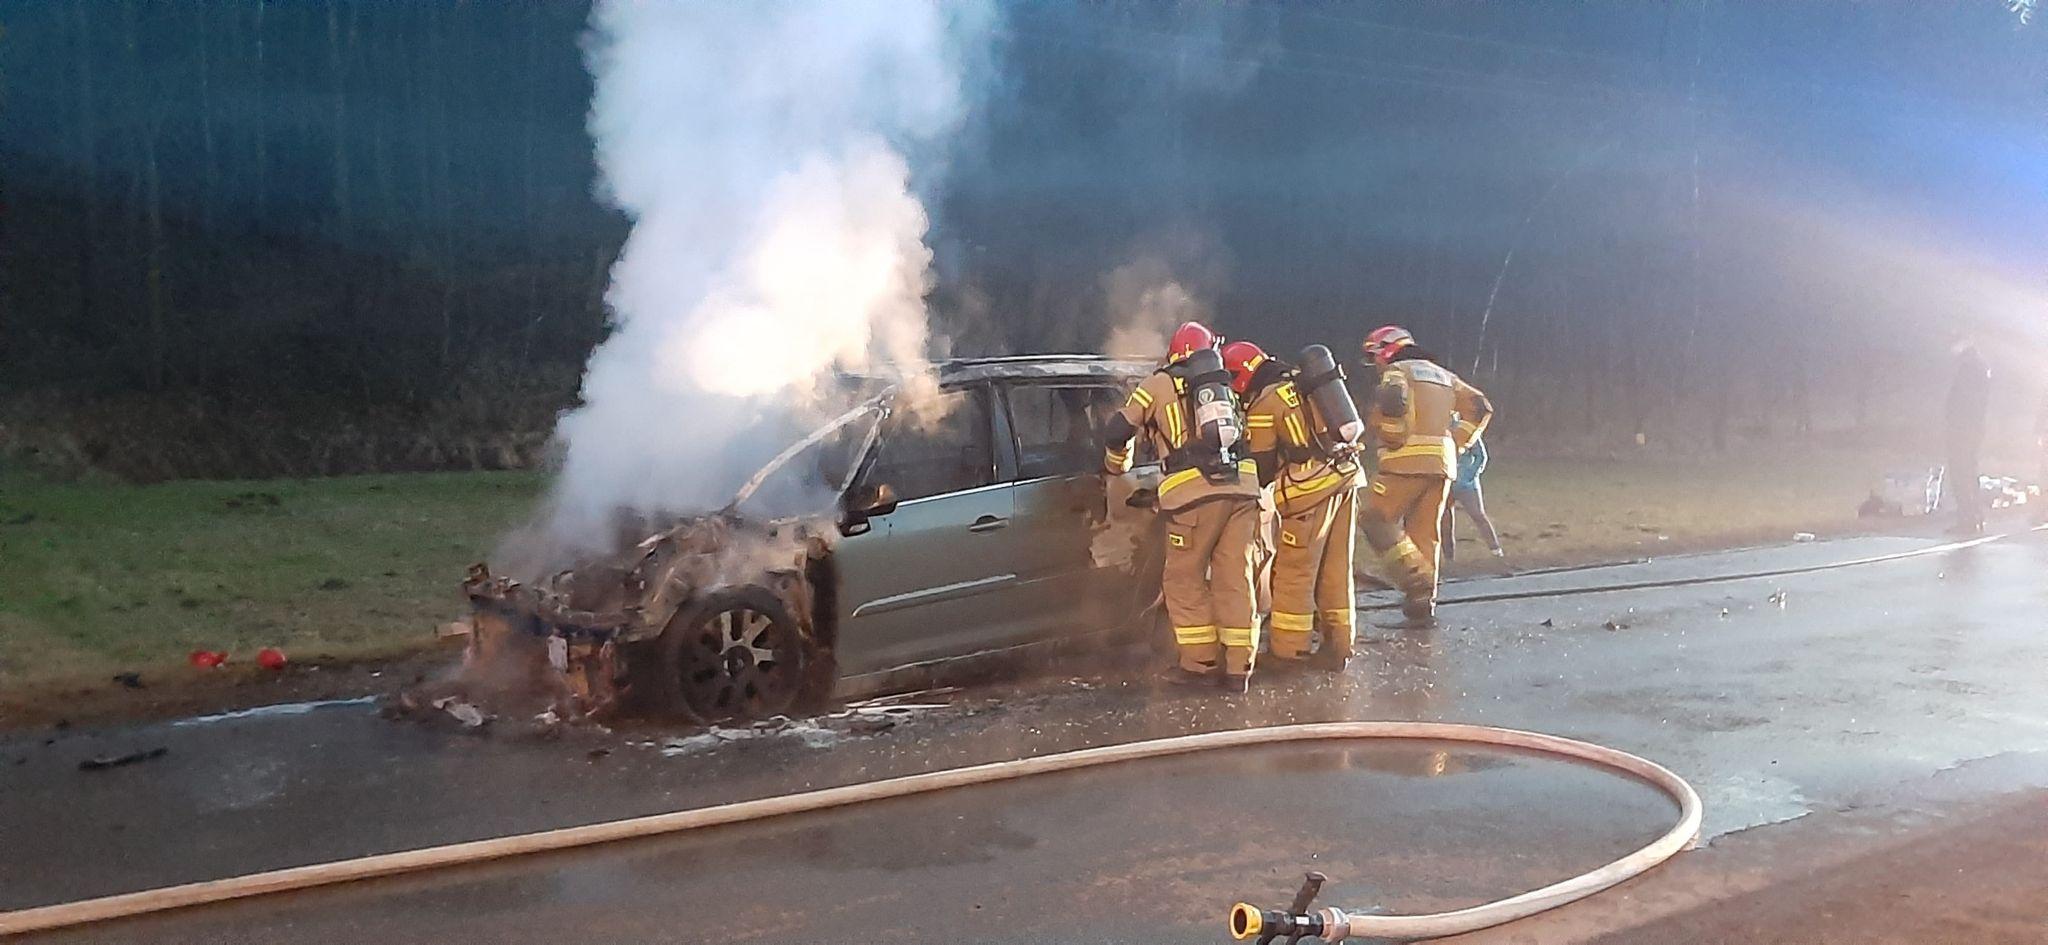 Strażacy gasili pożar samochodu